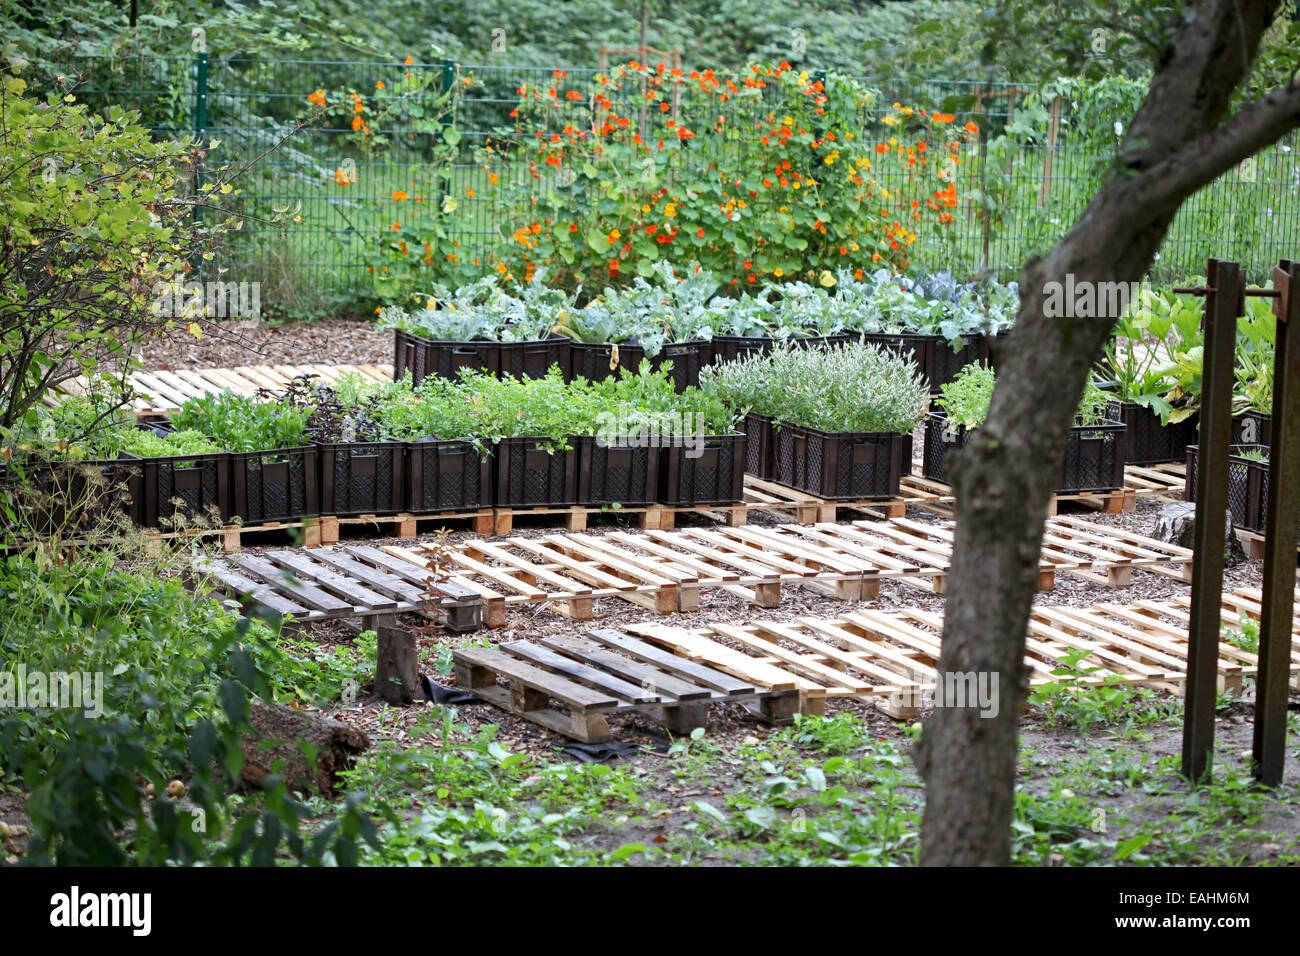 Las verduras cultivadas en planta de cajas en un proyecto de horticultura urbana en Alemania Foto de stock